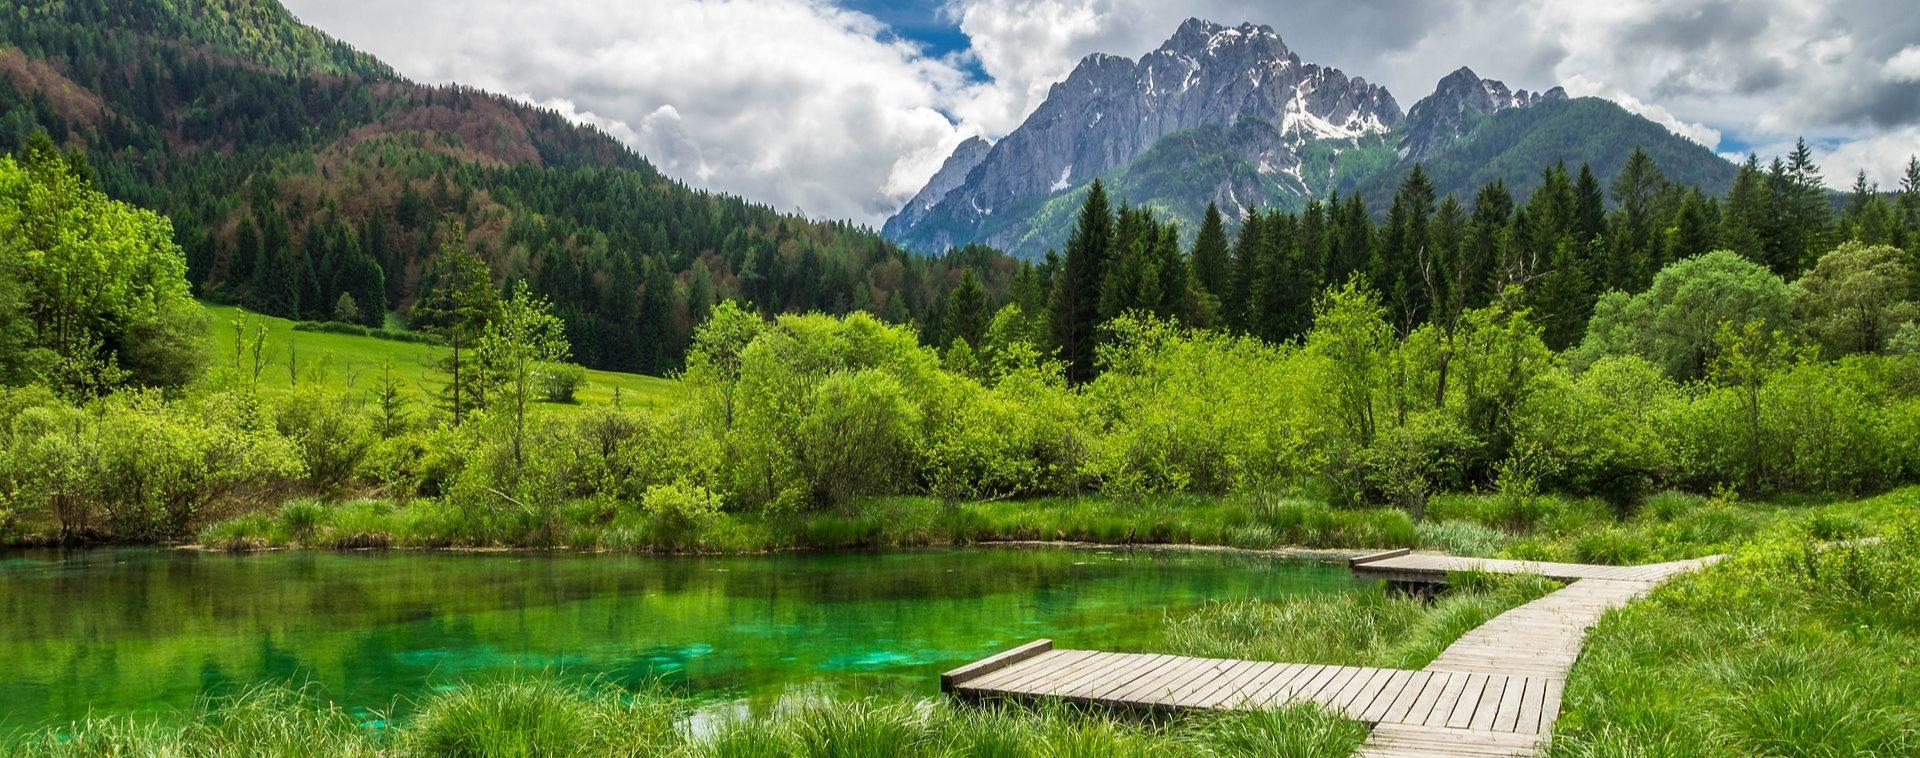 Slovénie - Découverte du Triglav - Vallées de la Soca et de Voje - Les matins du monde